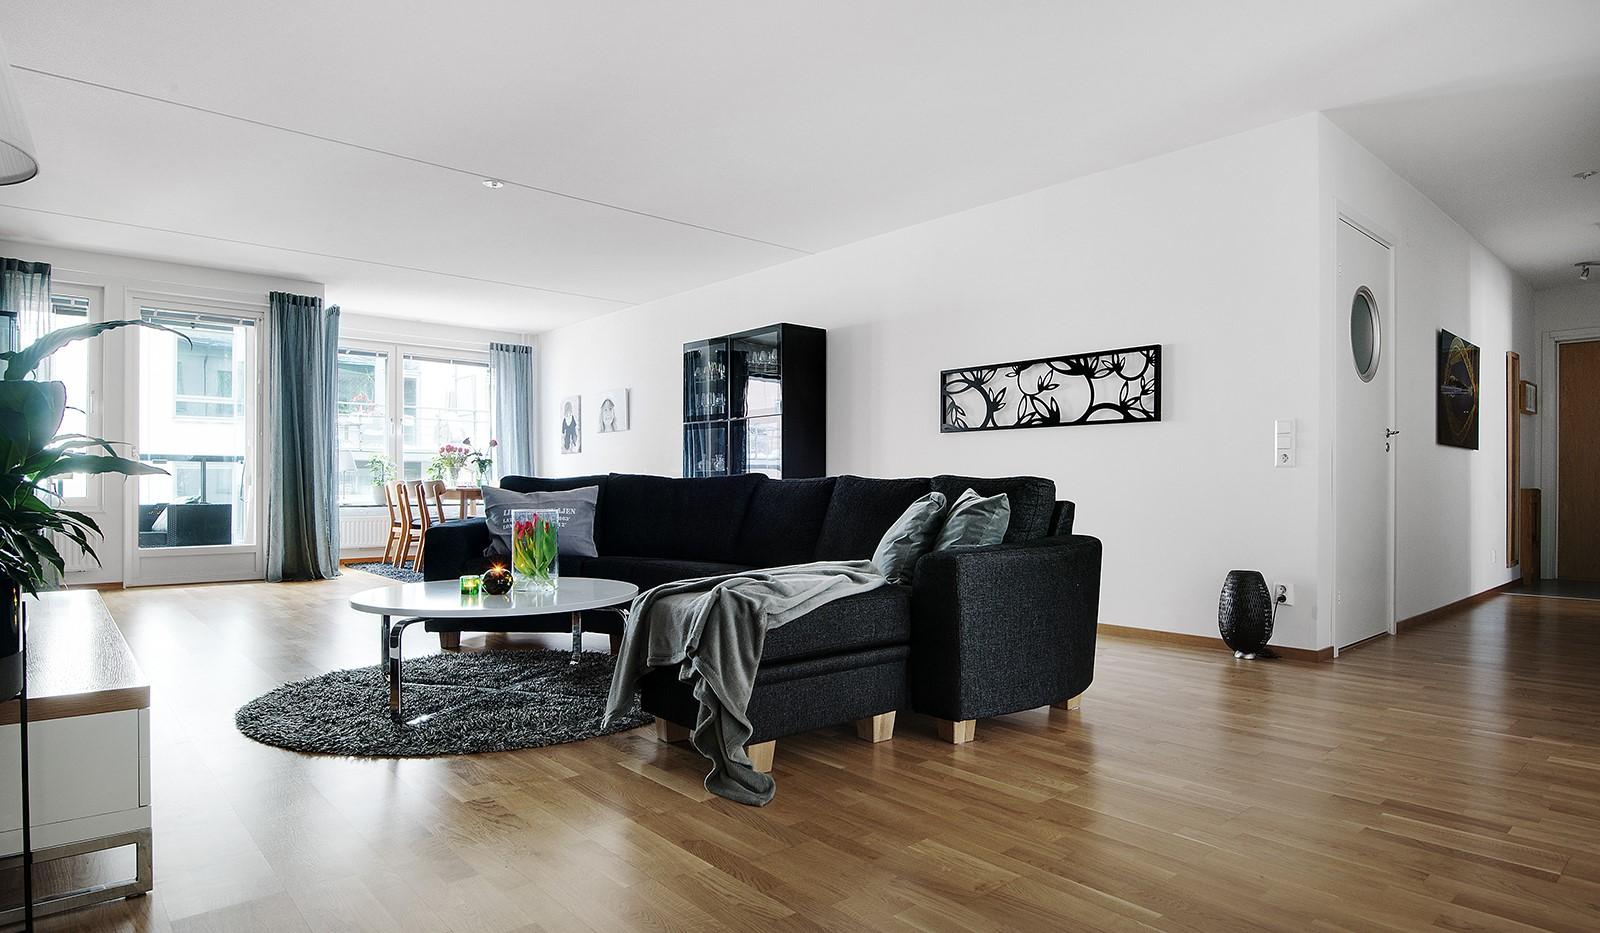 Grönbrinksgatan 6, 4tr - Vardagsrummet är sannerligen något att stoltsera med och blir naturligt lägenhetens samlingsplats.